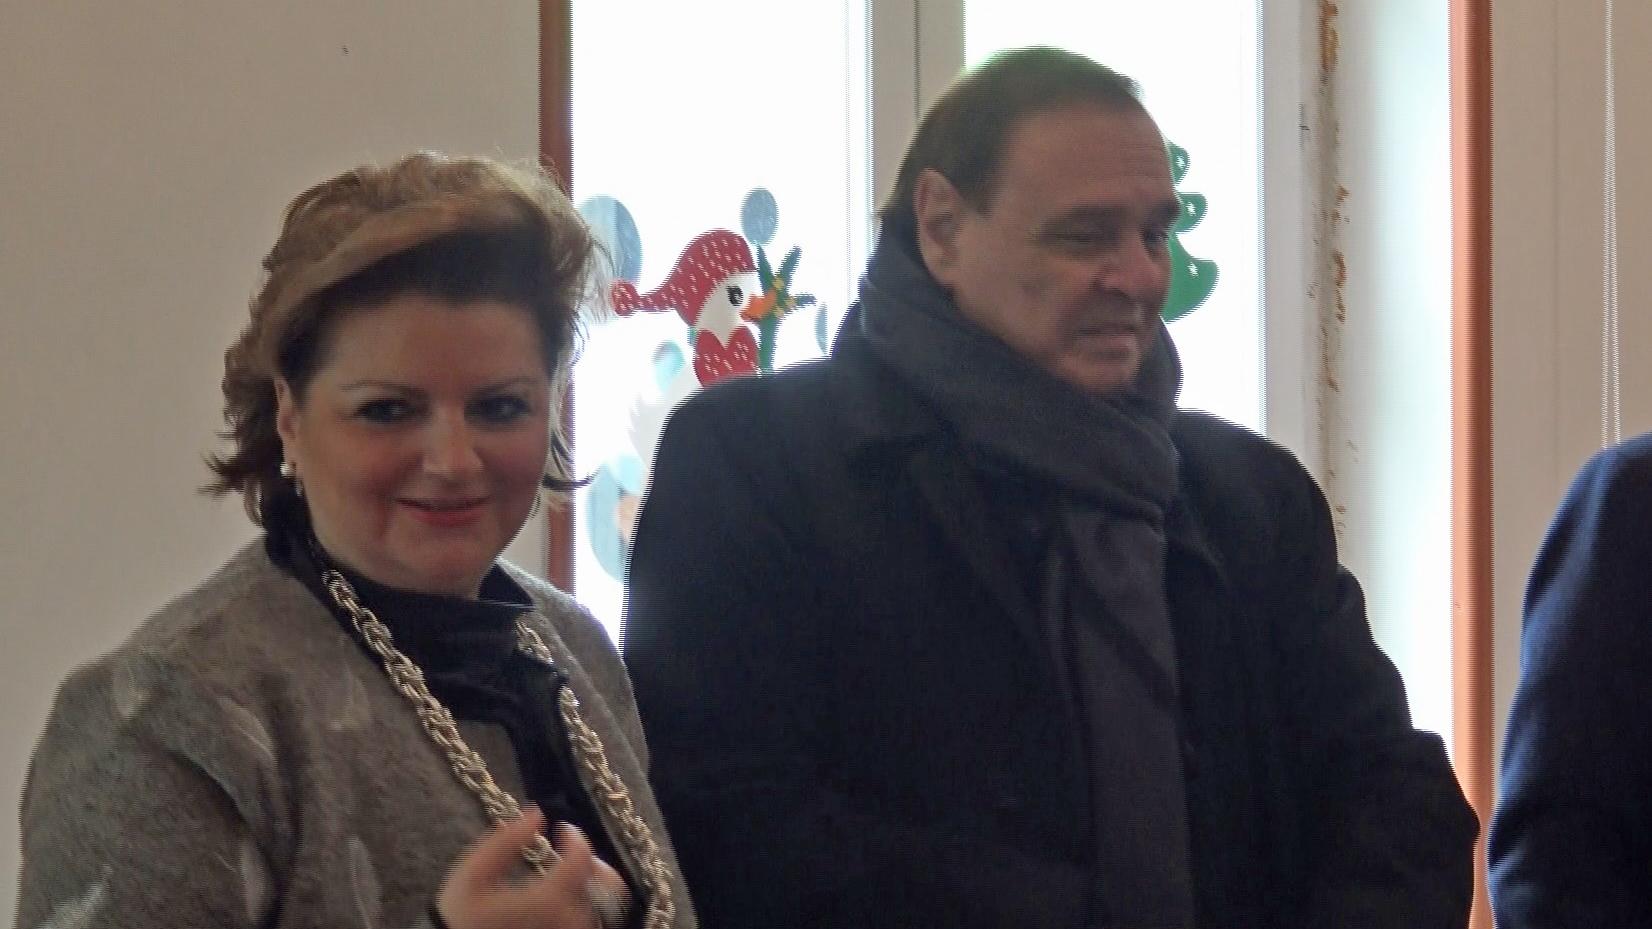 Benevento| Scuole, Mastella e Del Prete rispondono alla lettere delle mamme avvocato